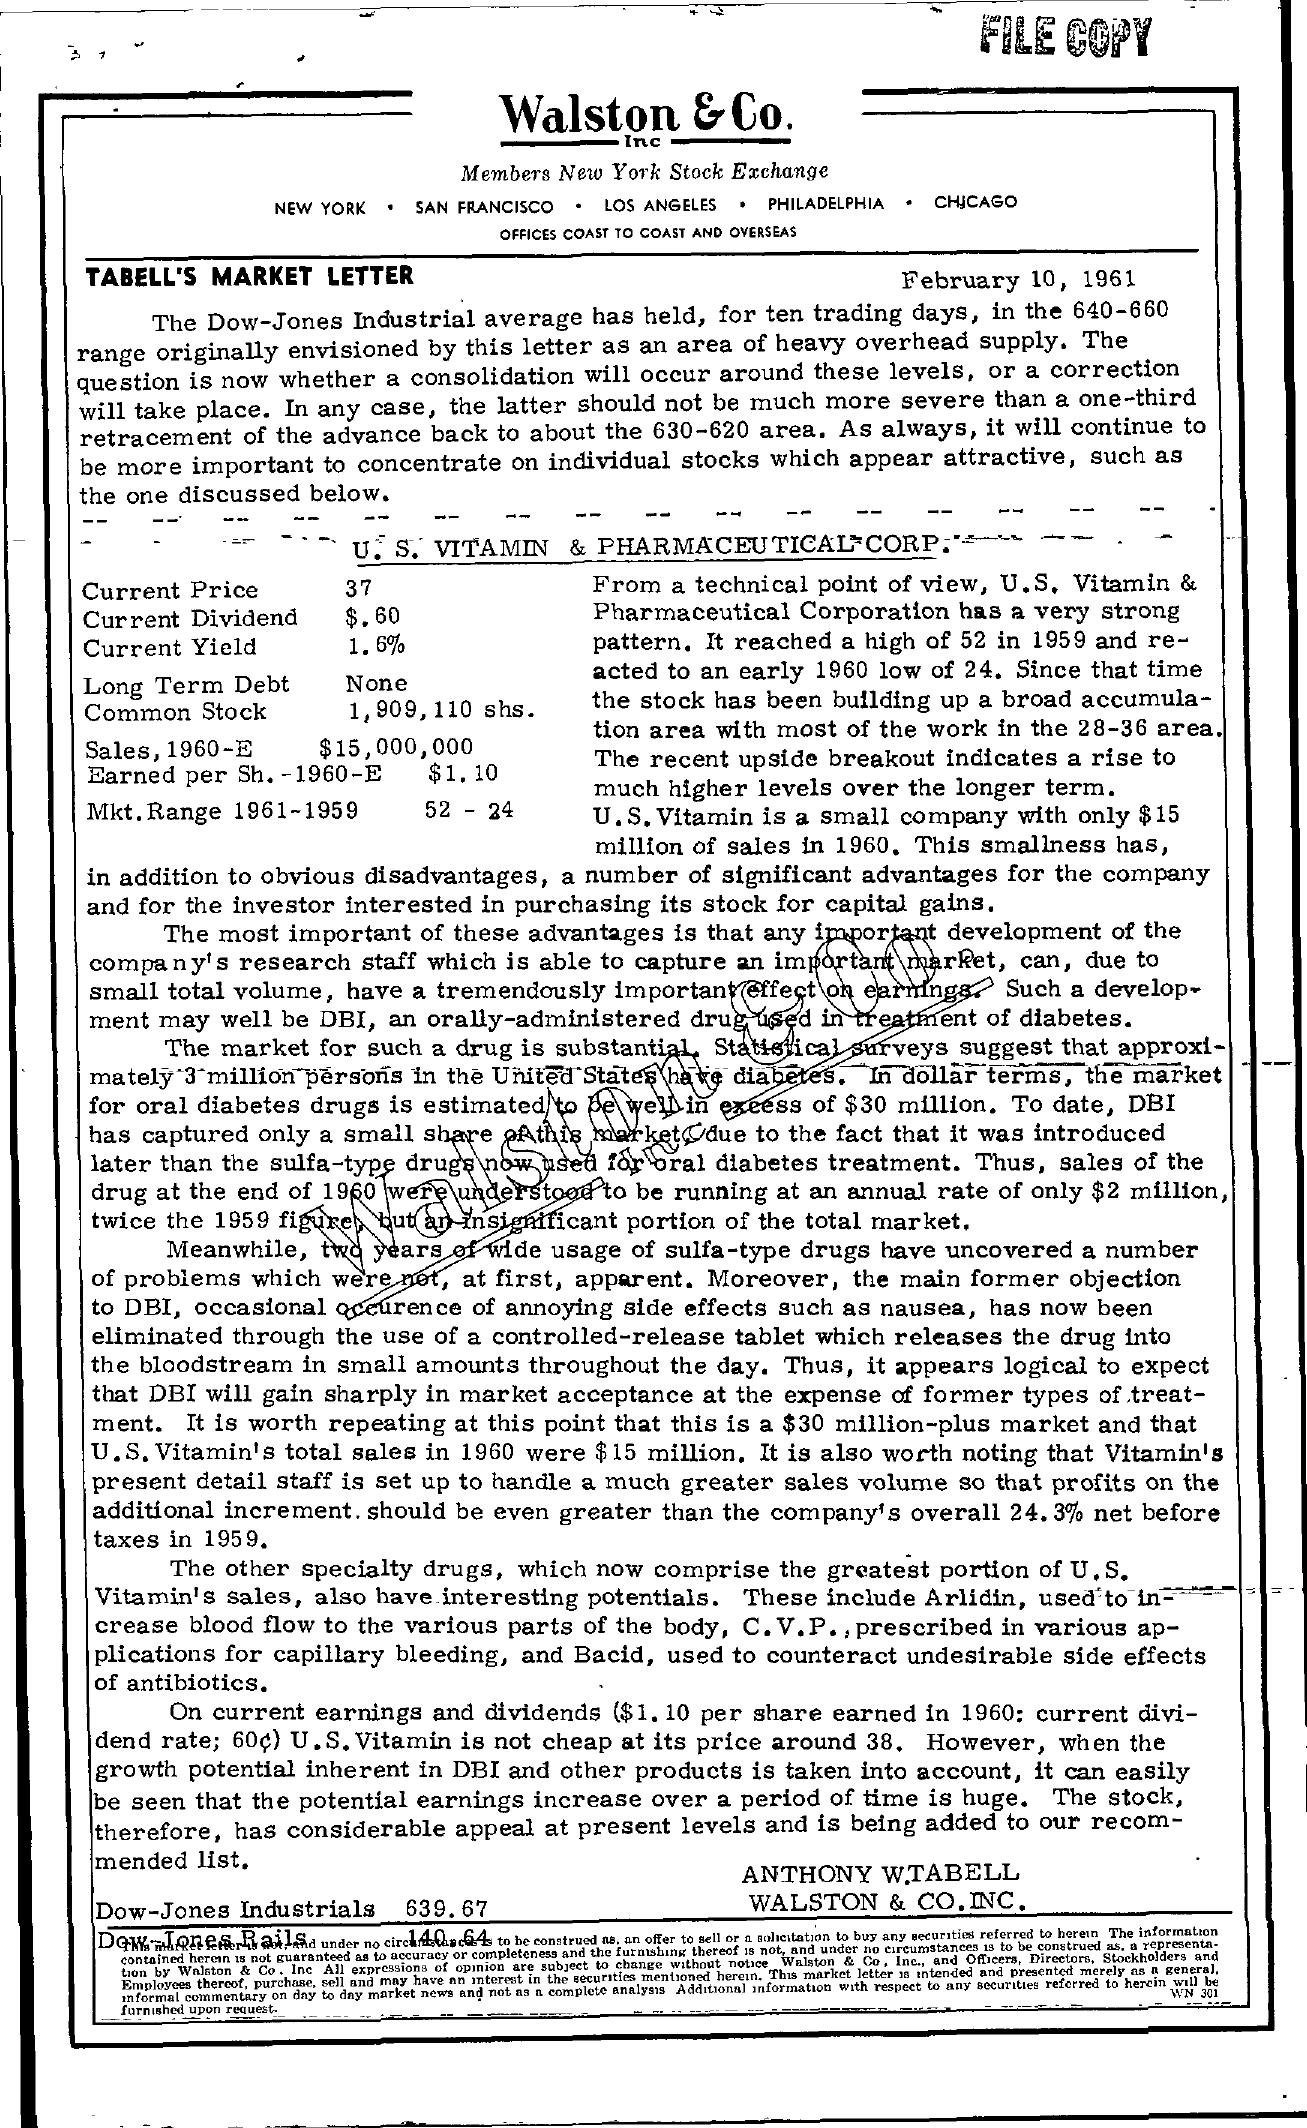 Tabell's Market Letter - February 10, 1961